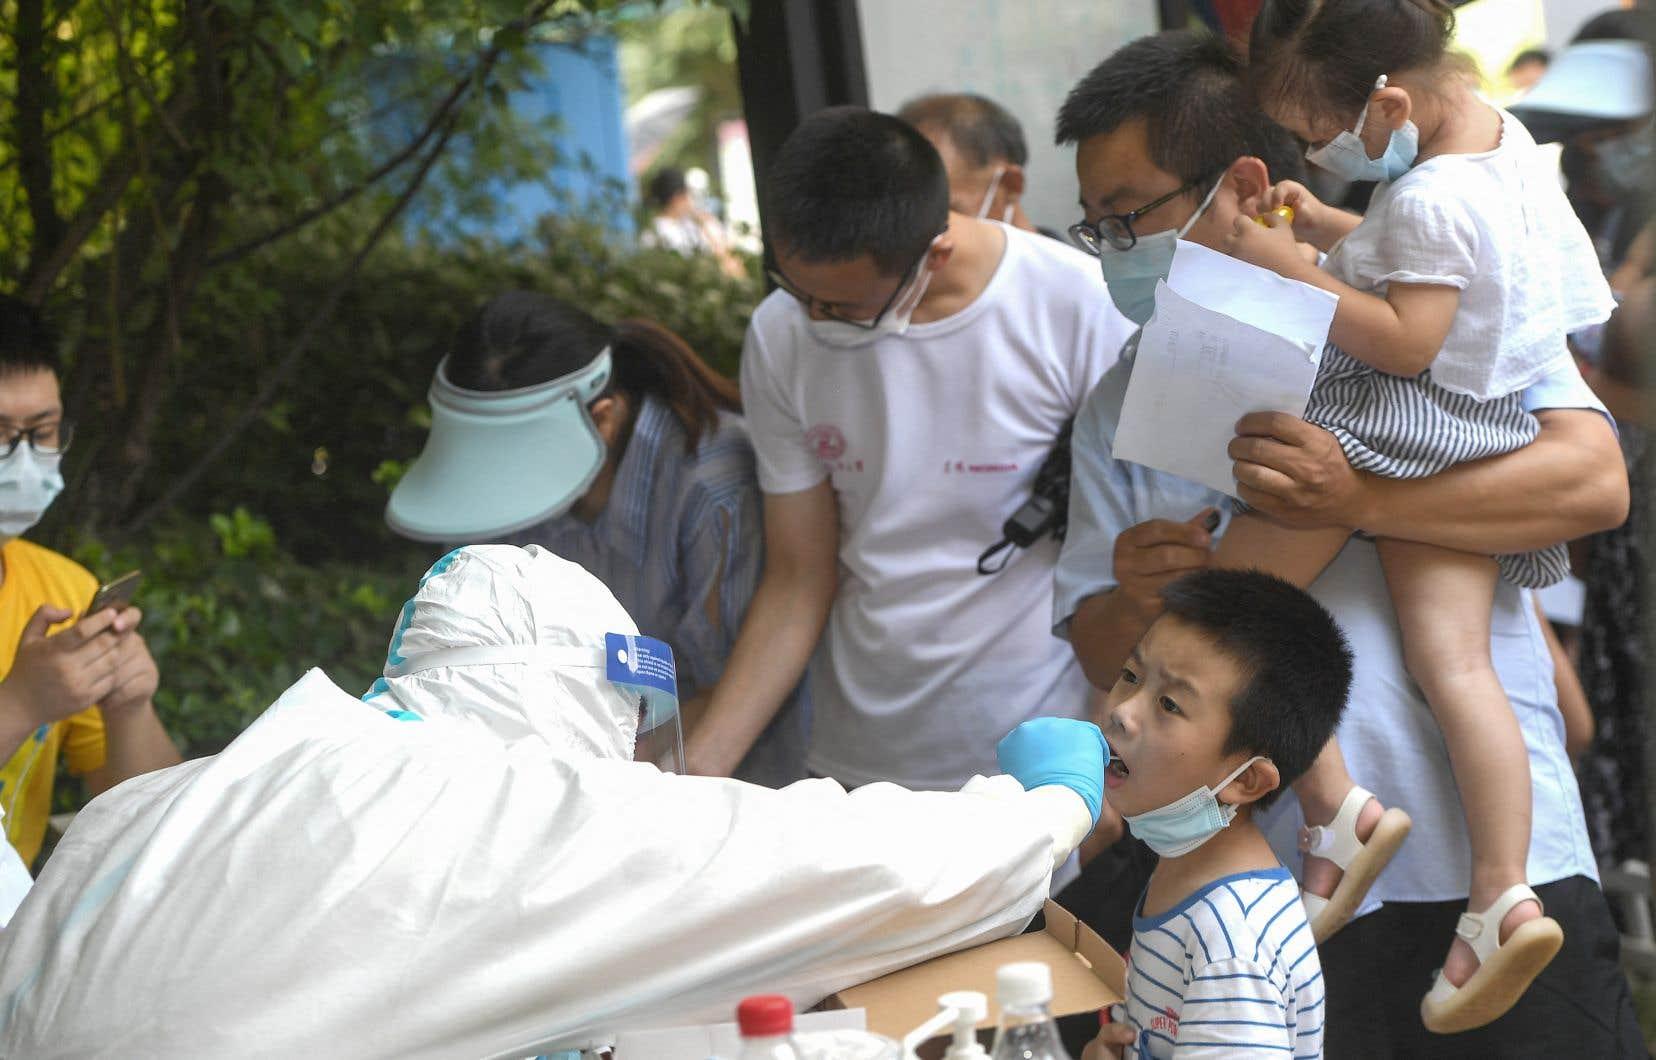 La Chine, où l'épidémie a fait son apparition fin 2019, à Wuhan, pensait avoir pratiquement éradiqué le virus.